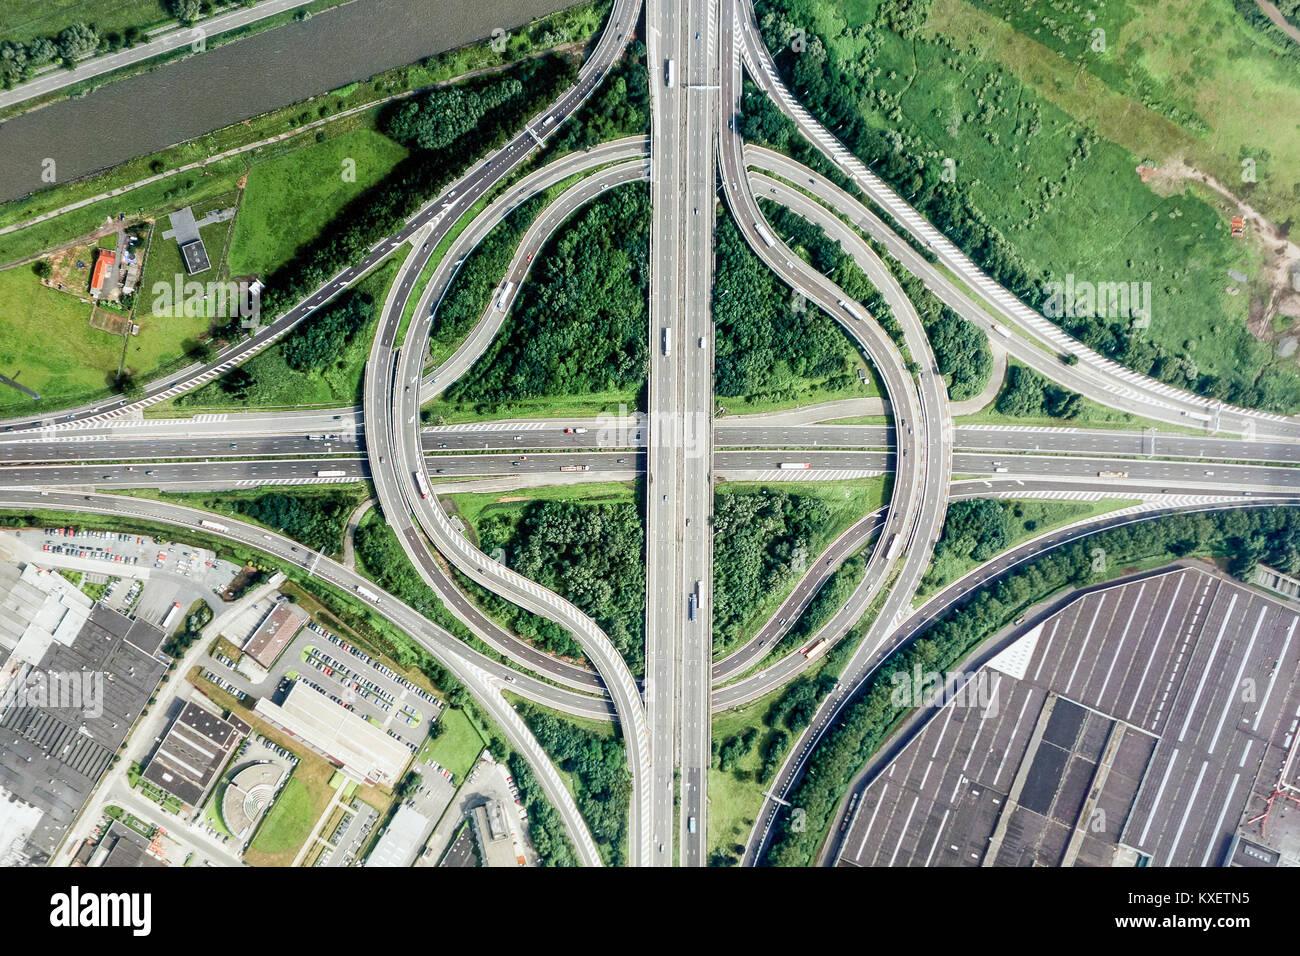 Vista aerea su autostrada rotatoria interchange / interscambio autostradale con slittamento le strade che portano Immagini Stock